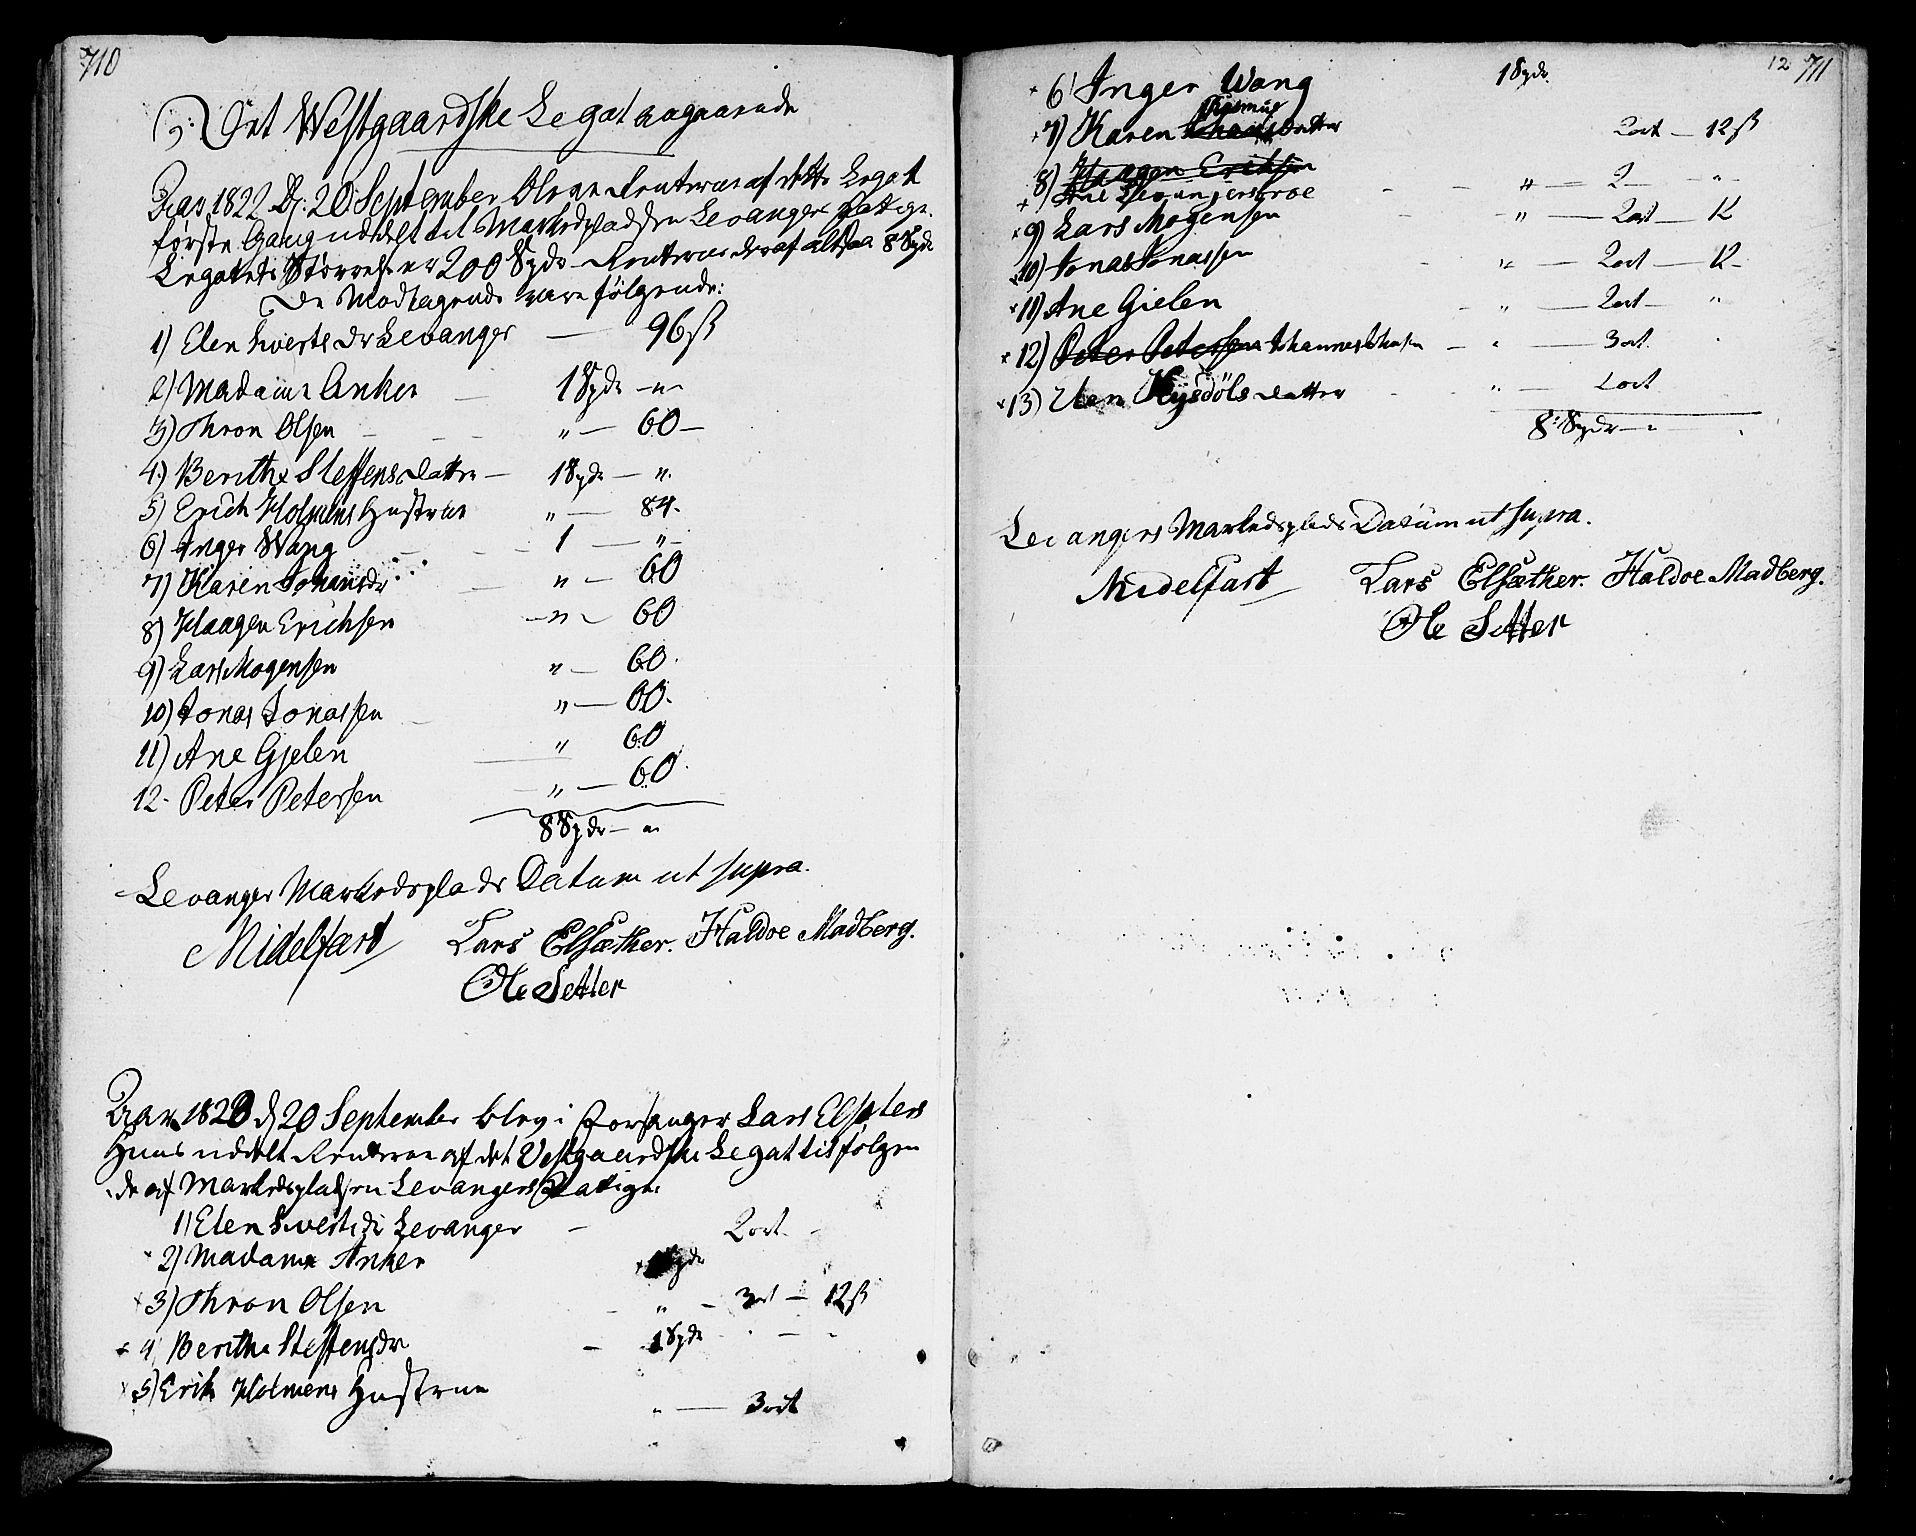 SAT, Ministerialprotokoller, klokkerbøker og fødselsregistre - Nord-Trøndelag, 717/L0145: Ministerialbok nr. 717A03 /1, 1810-1815, s. 710-711